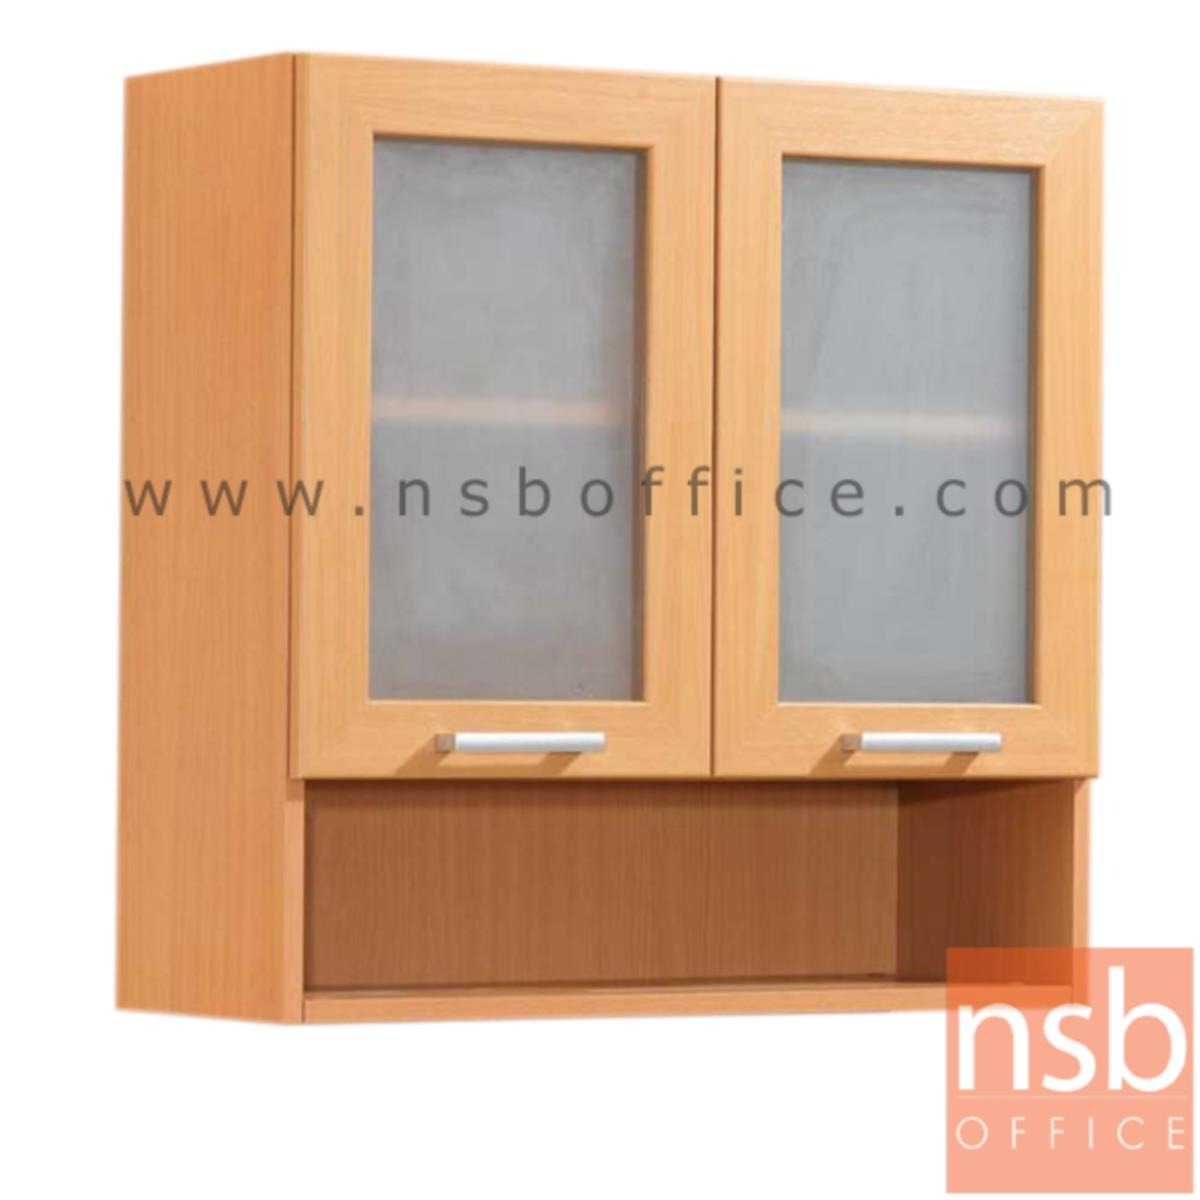 K03A016:ตู้แขวนบานเปิดกระจก-ล่างช่องโล่ง สูง 80 ซม. รุ่น  Wisconsin 3 มือจับอลูมิเนียม